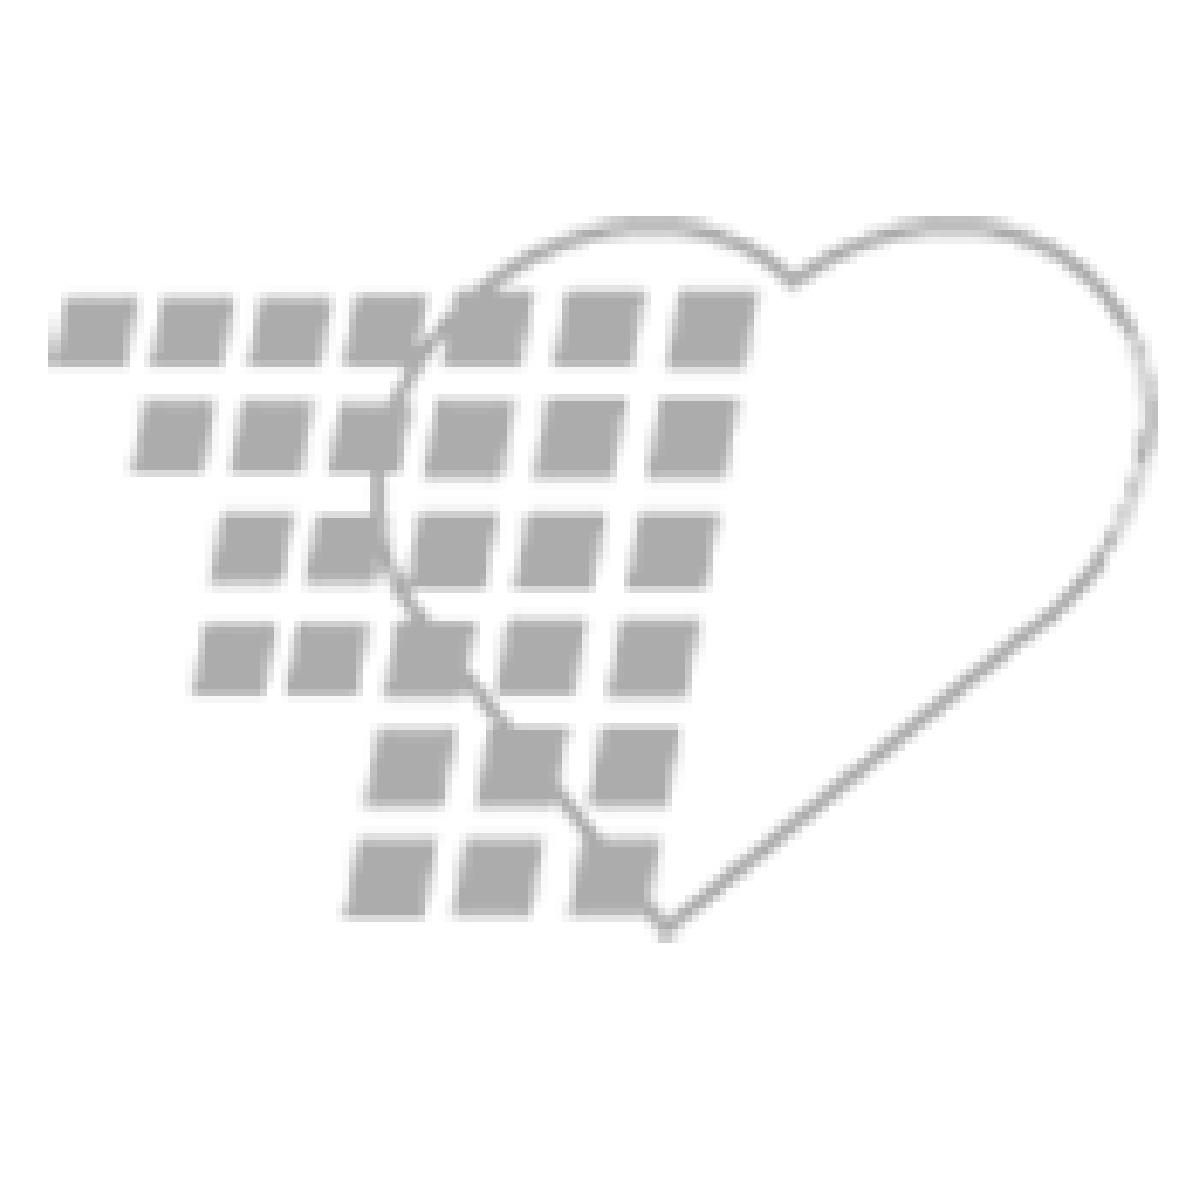 03-74-8097 - Dial® Antimicrobial Liquid Soap Pump - 16 oz